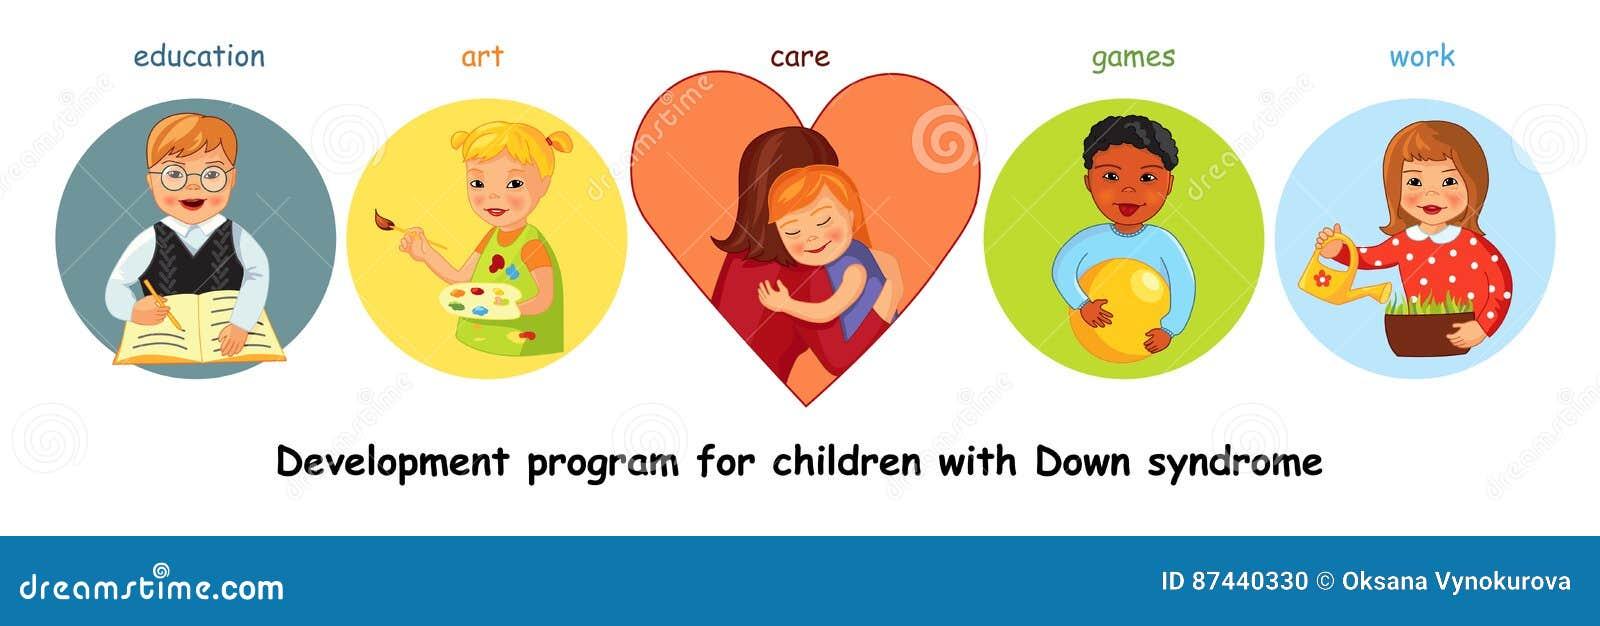 Kinder mit Down-Syndrom Entwicklung